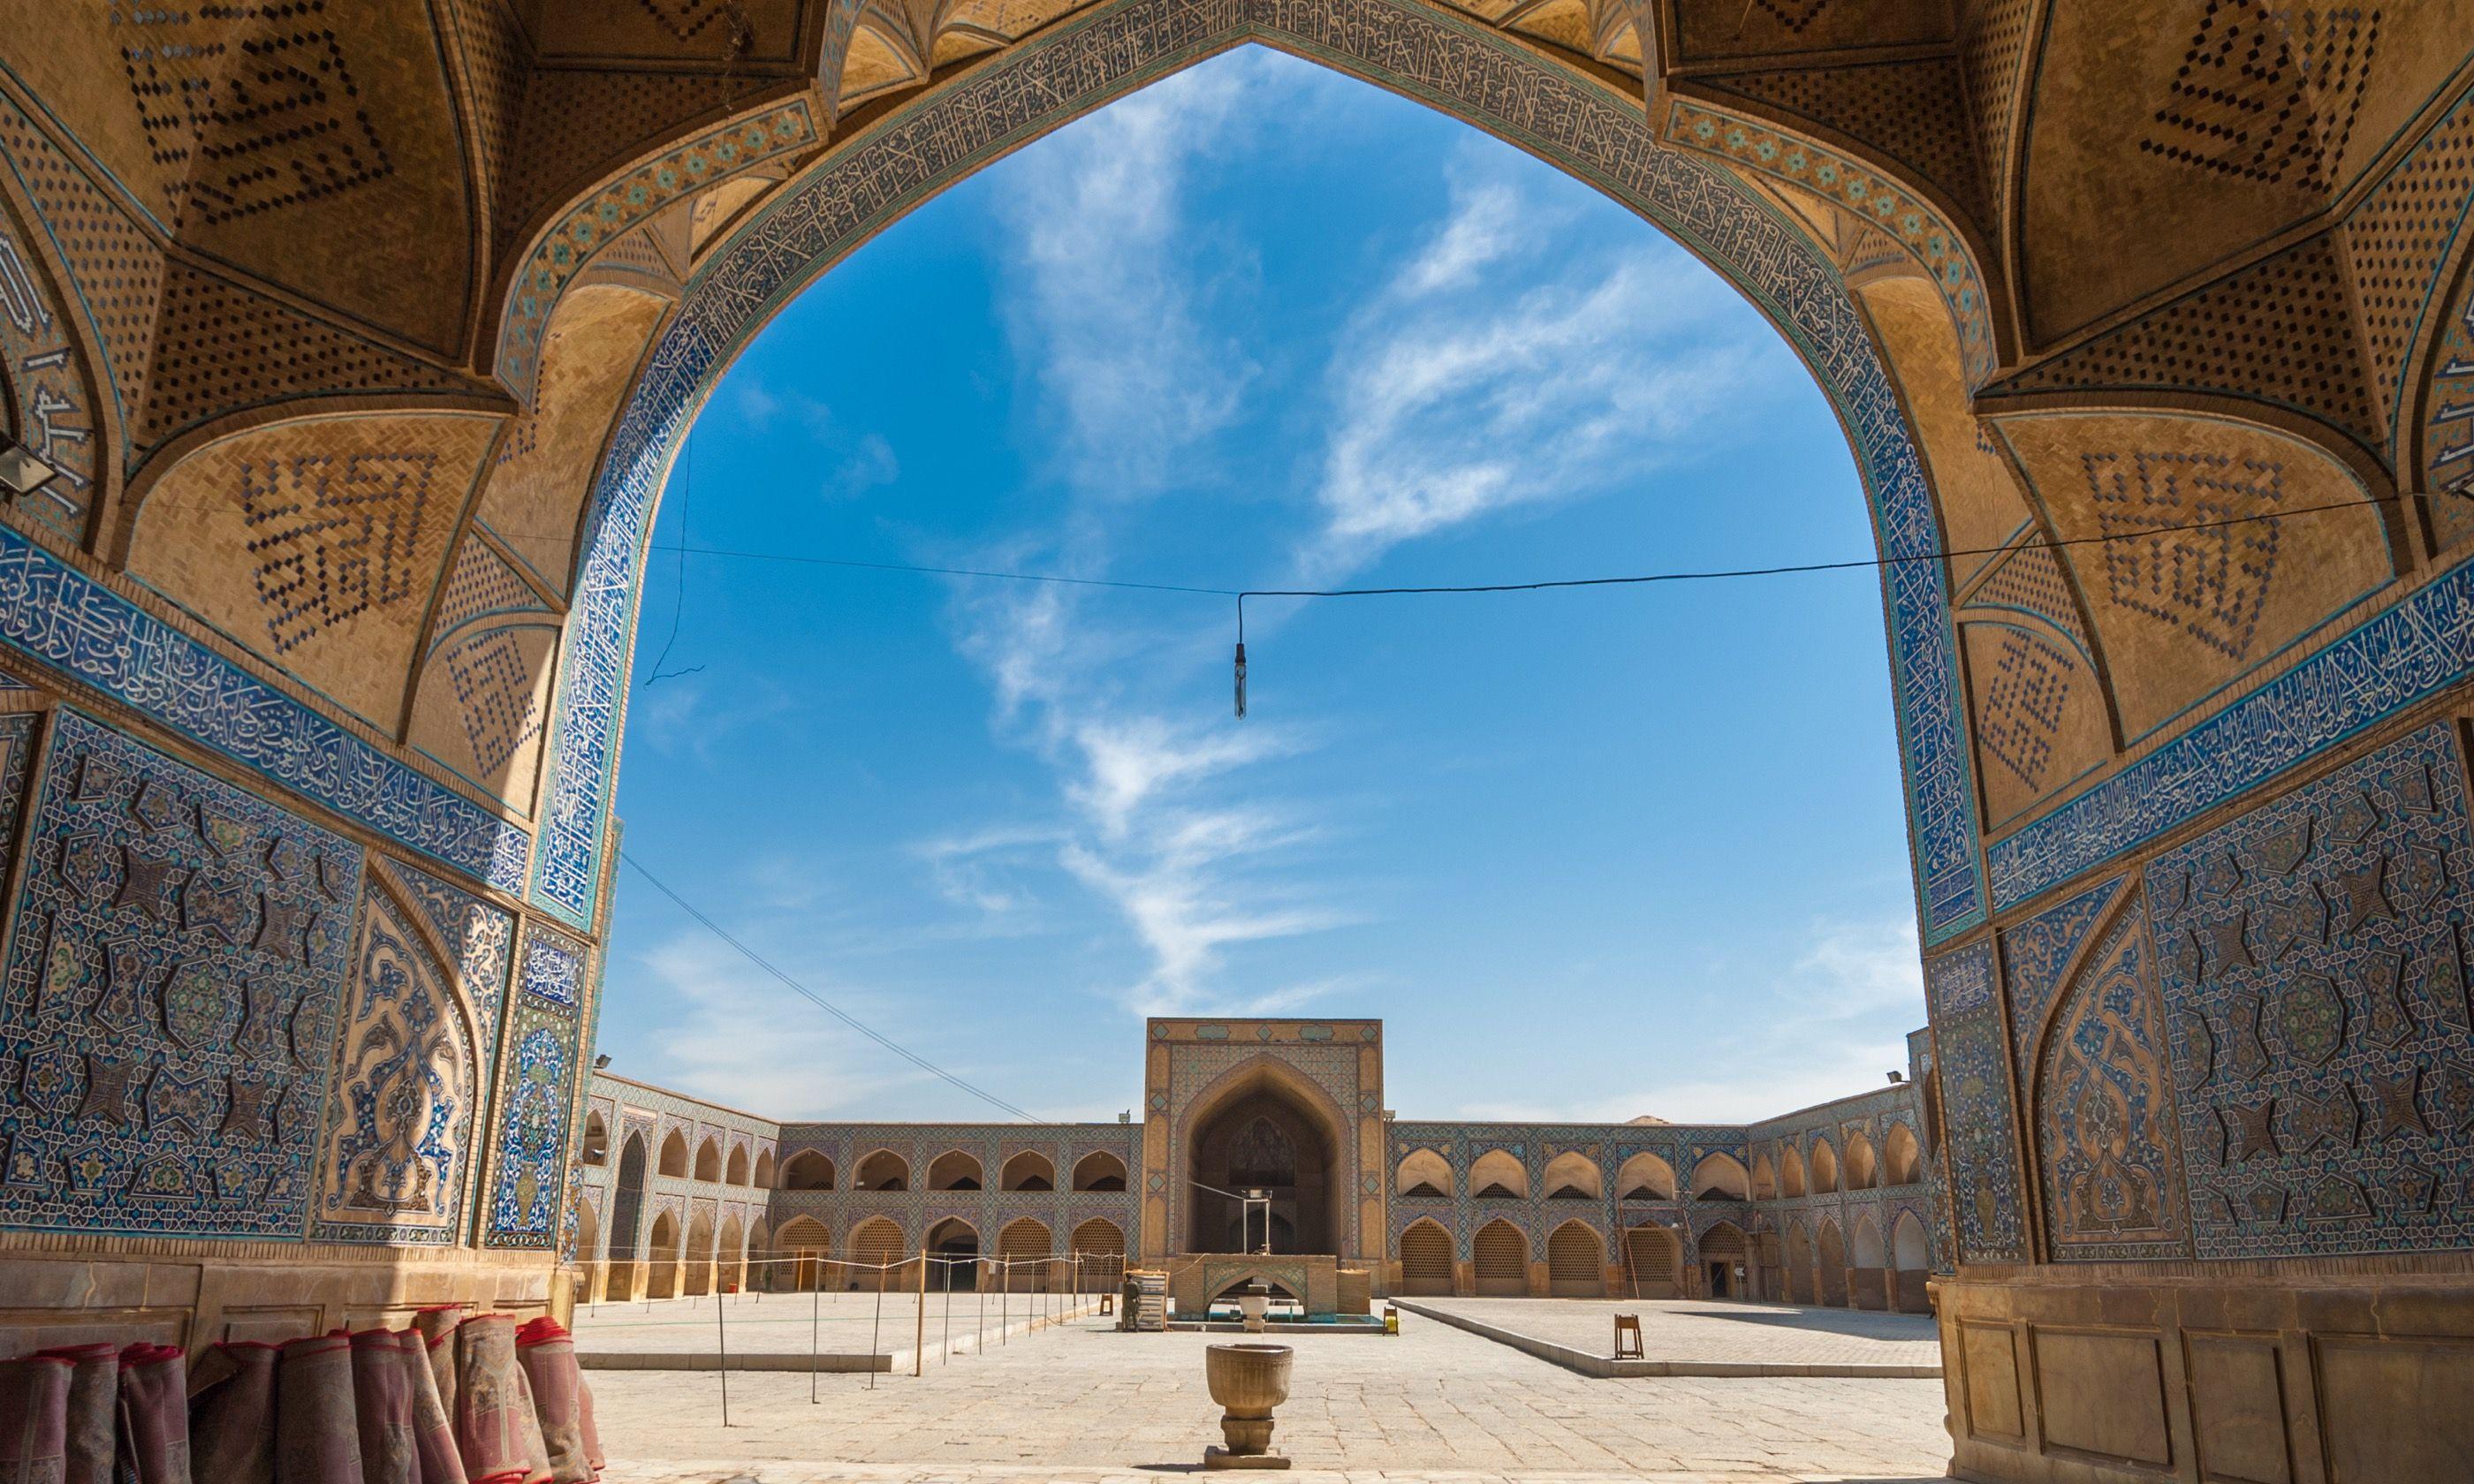 Friday mosque, Esfahan (Shutterstock.com)